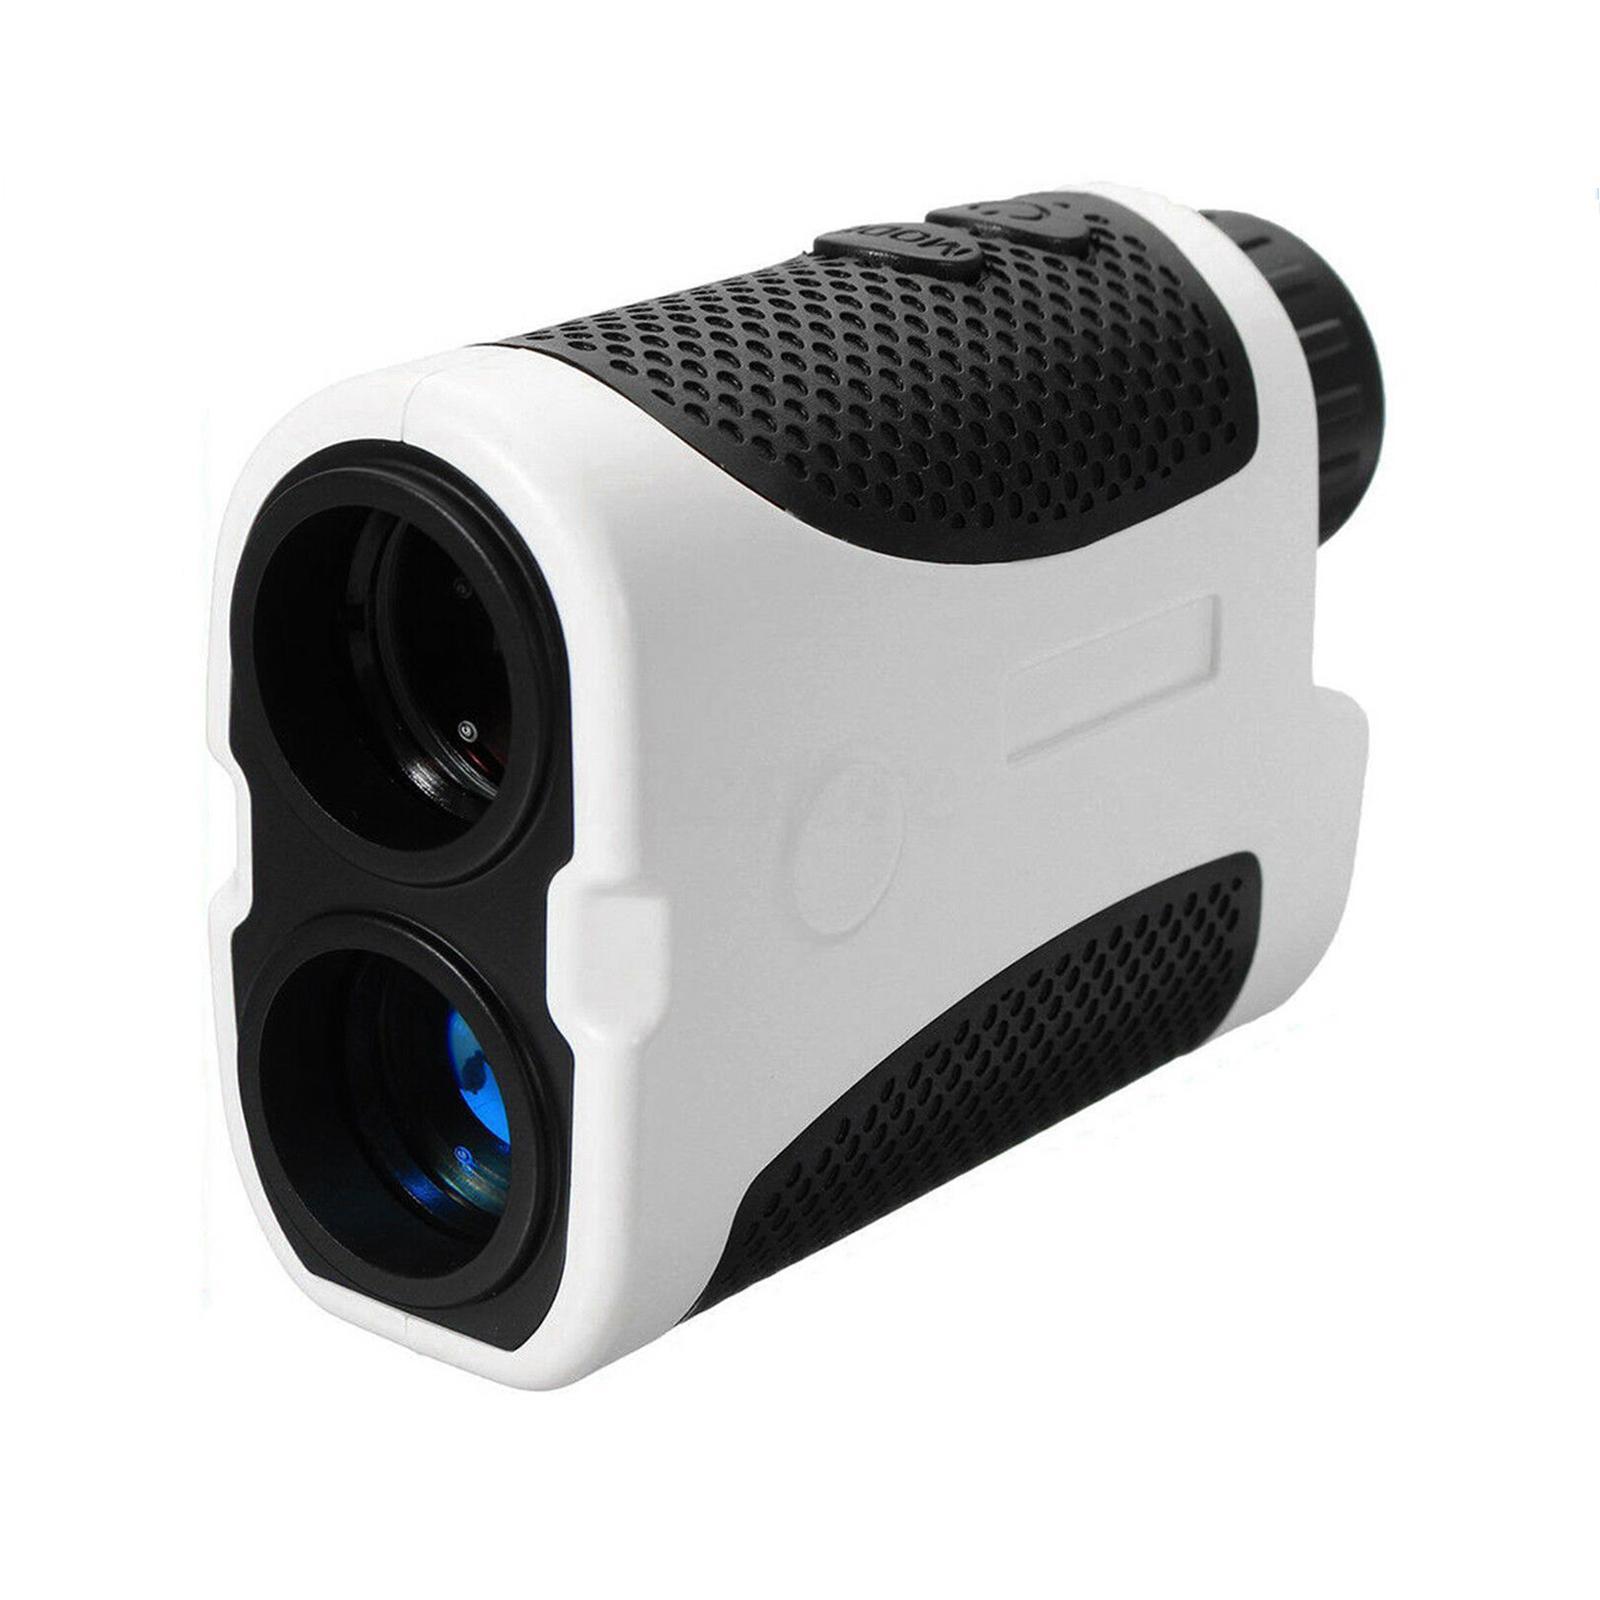 Angolo Handheld 400M Golf Laser Range Finder monoculare Scan Pinseeking w / Case BP